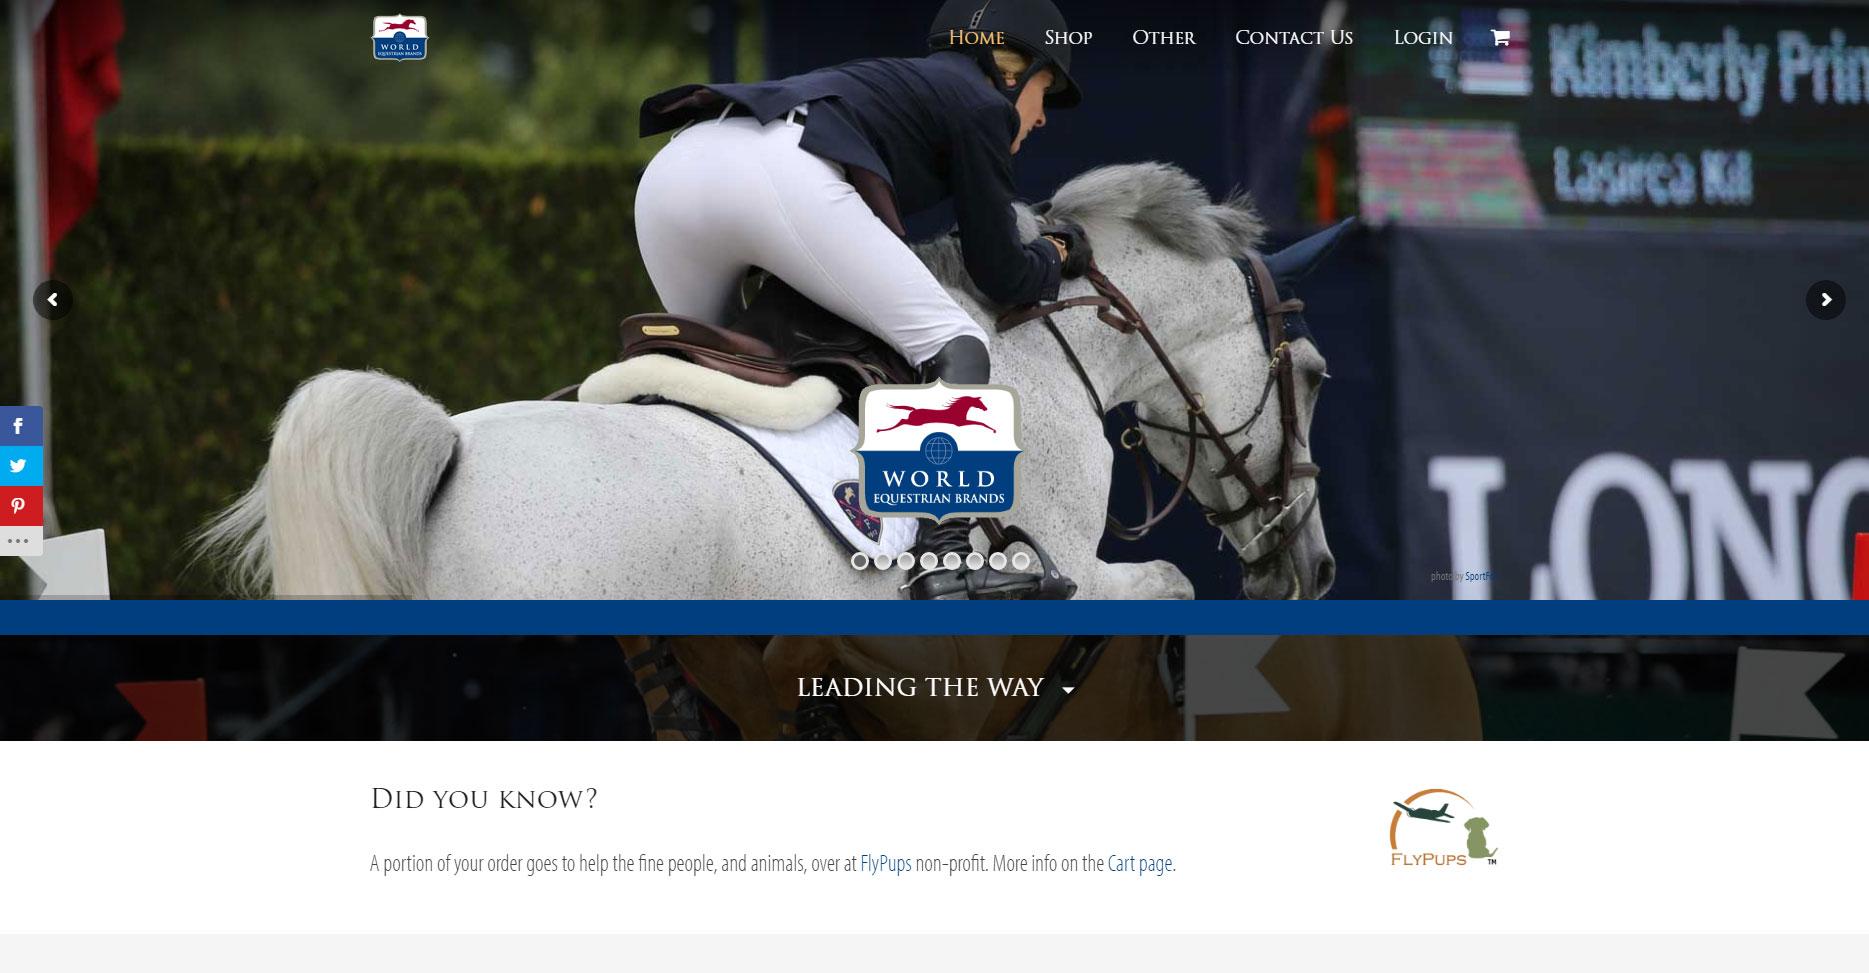 World Equestrian Brands E-Commerce Store